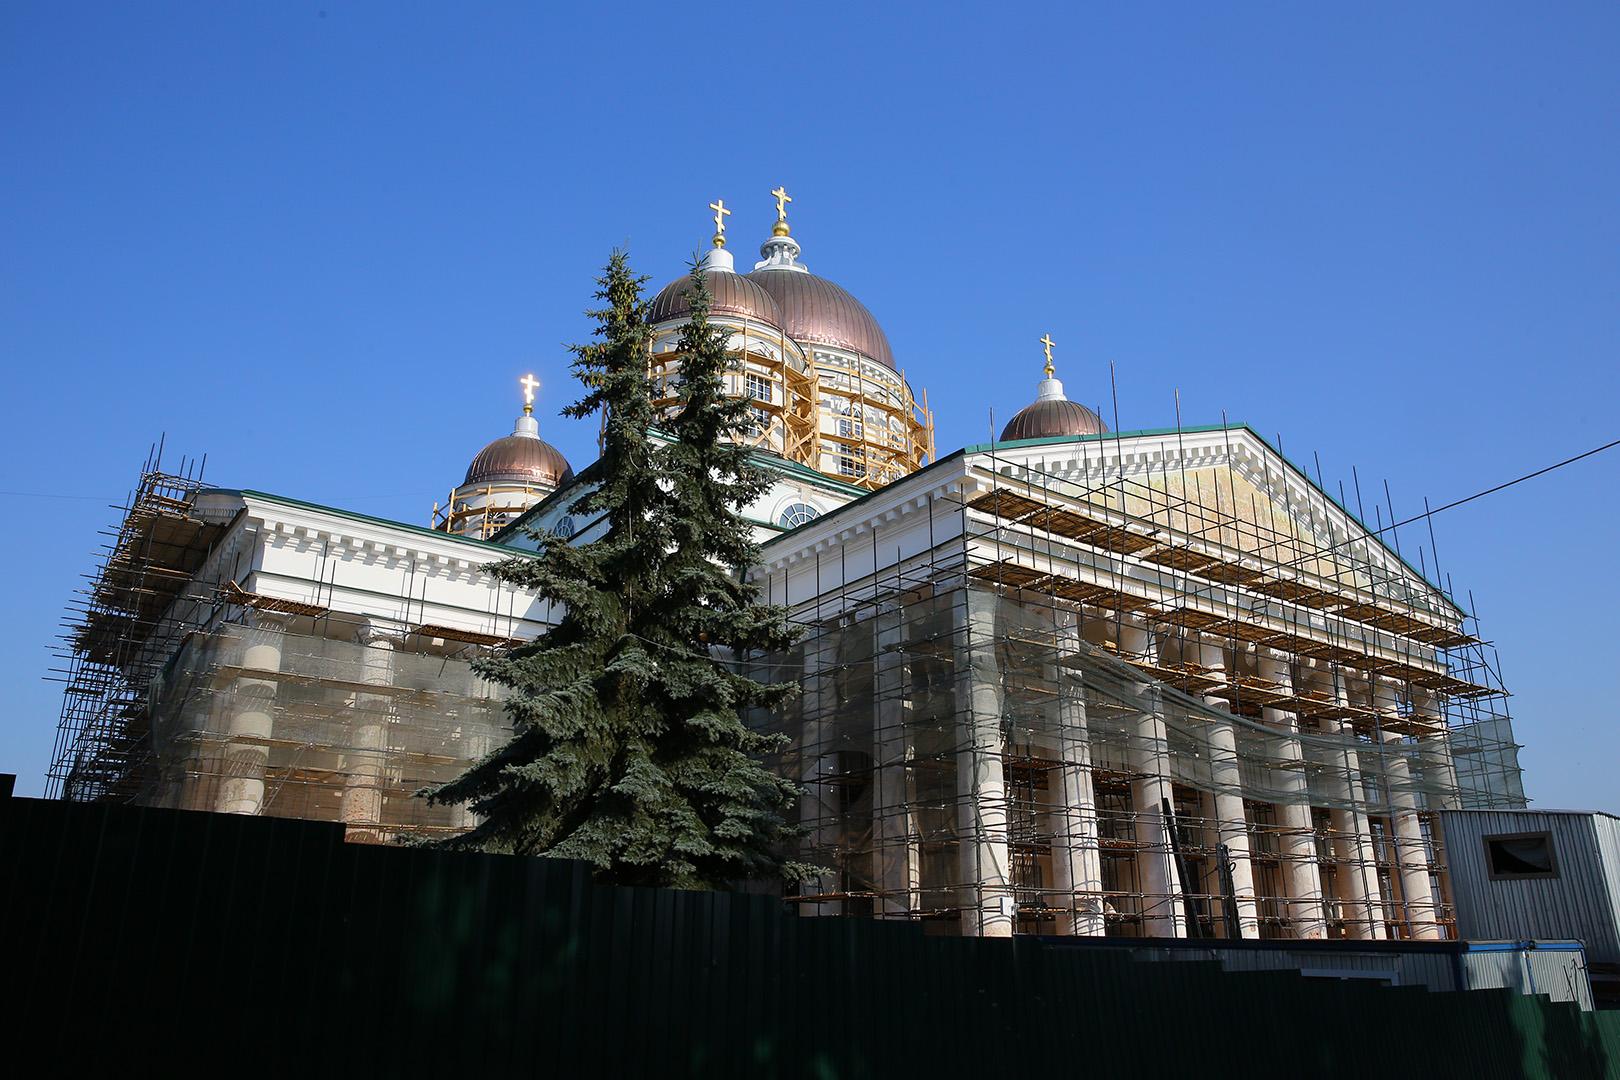 В Арзамасе обсудили реставрацию Воскресенского кафедрального собора и Преображенского собора Спасо-Преображенского монастыря